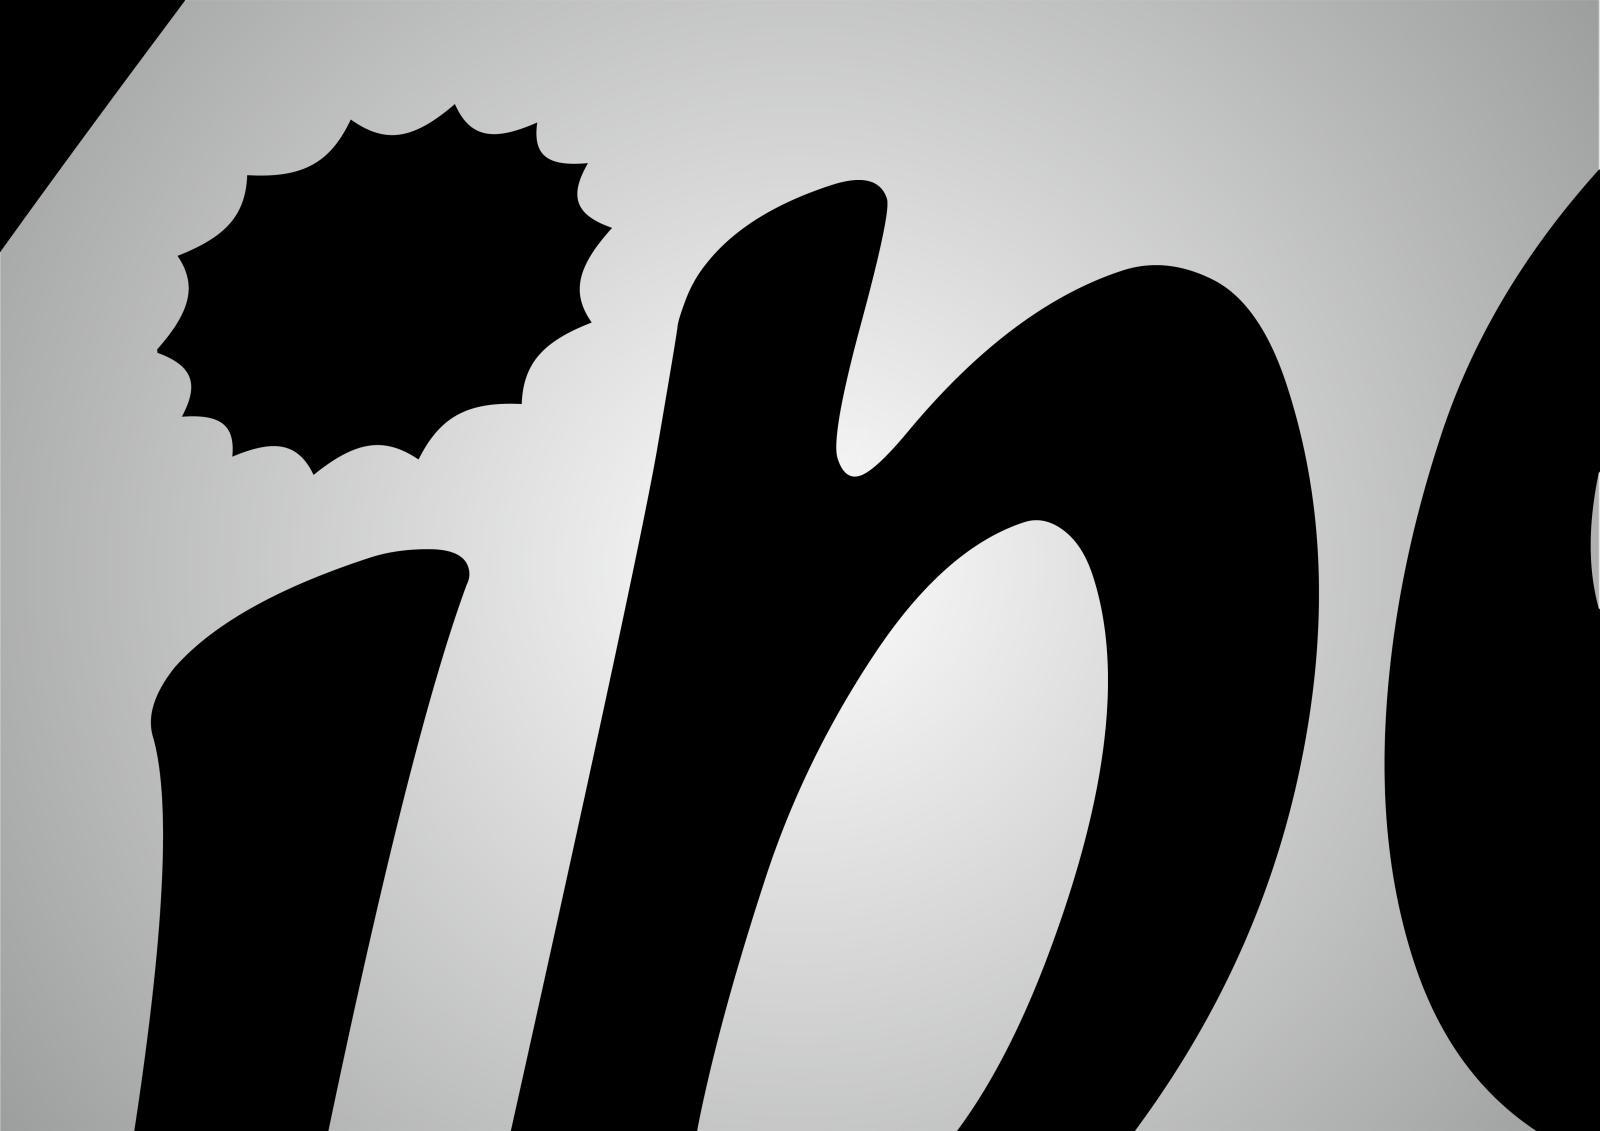 kiperzy-logo-3